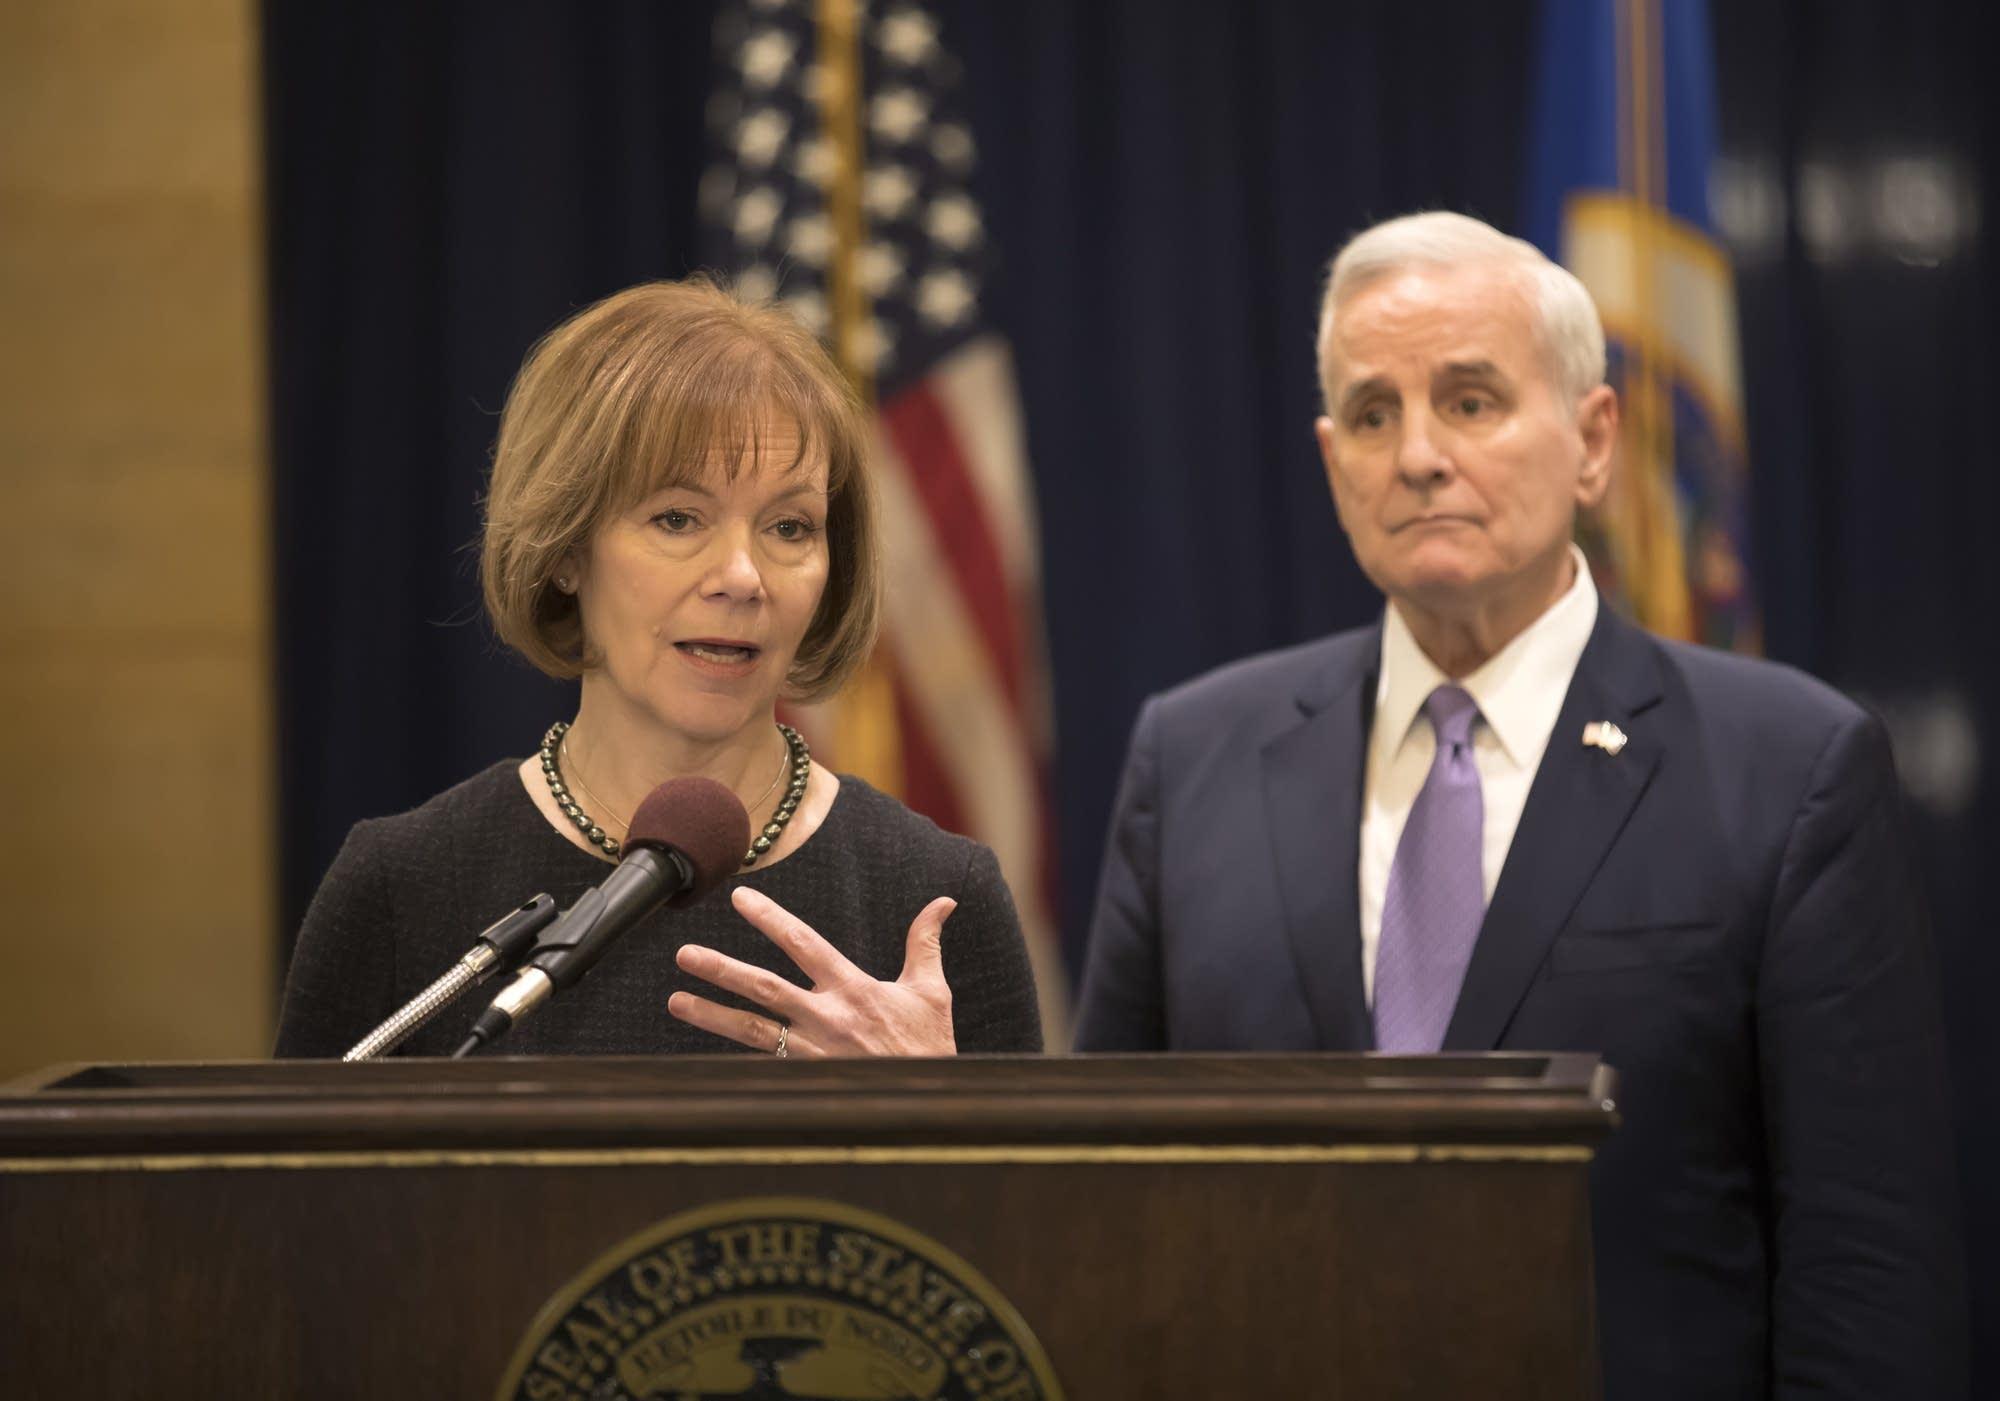 Minnesota Legislature 2018 Session starts Tuesday